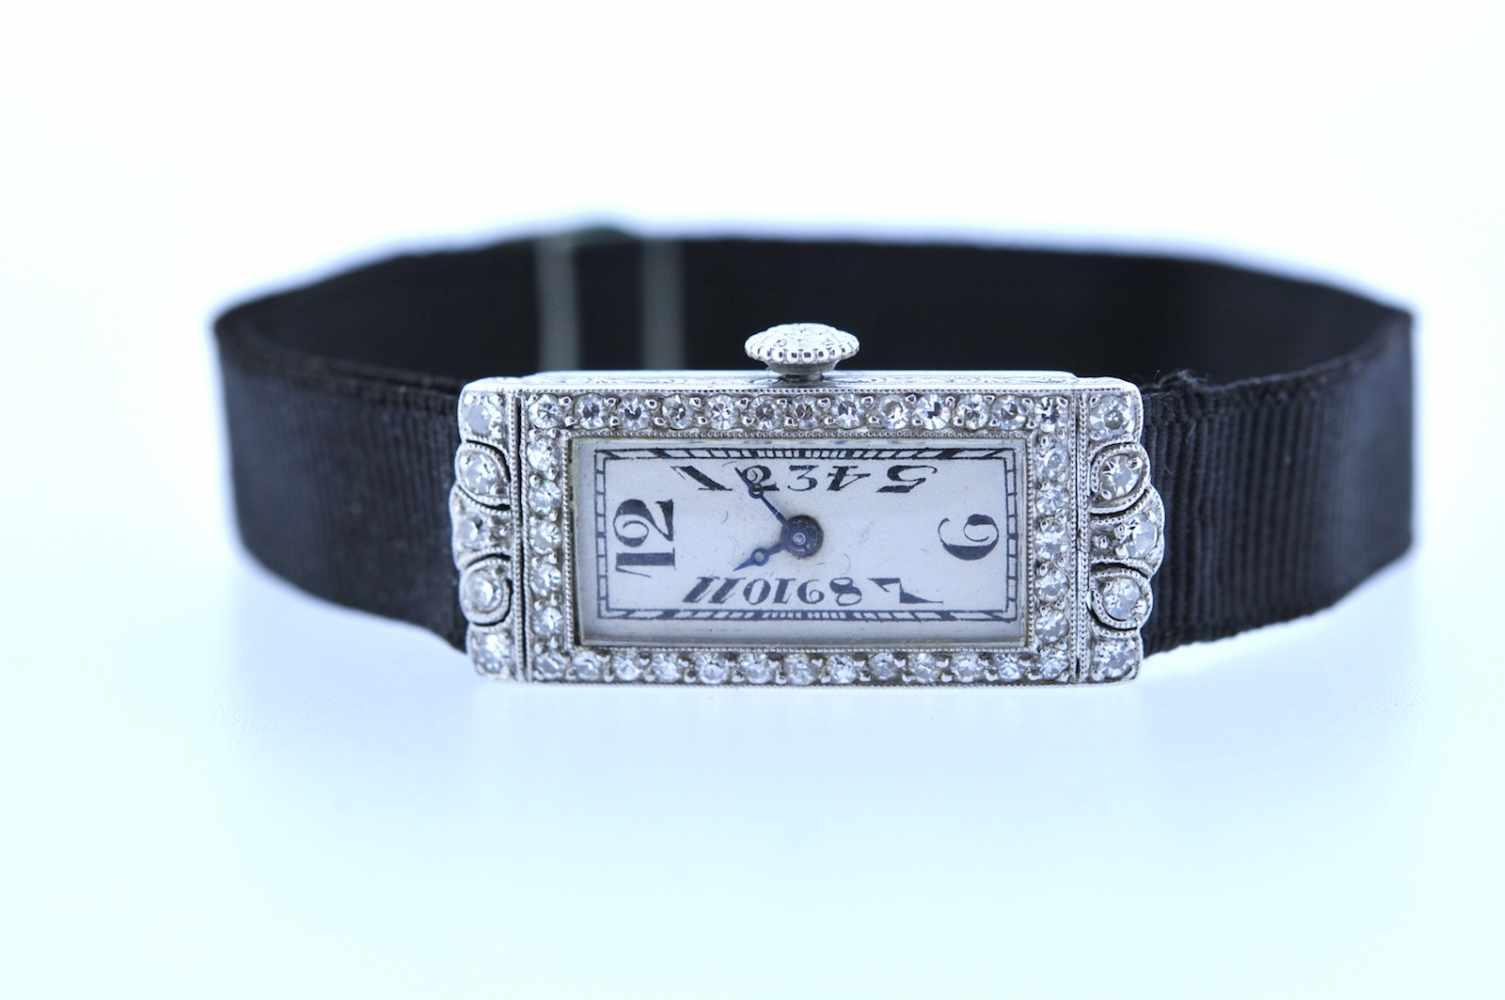 Damenuhr Art-Deco Platin Damenuhr mit Achtkantdiamanten, zus.ca. 0,60 ct, Handaufzug, Ankerwerk,